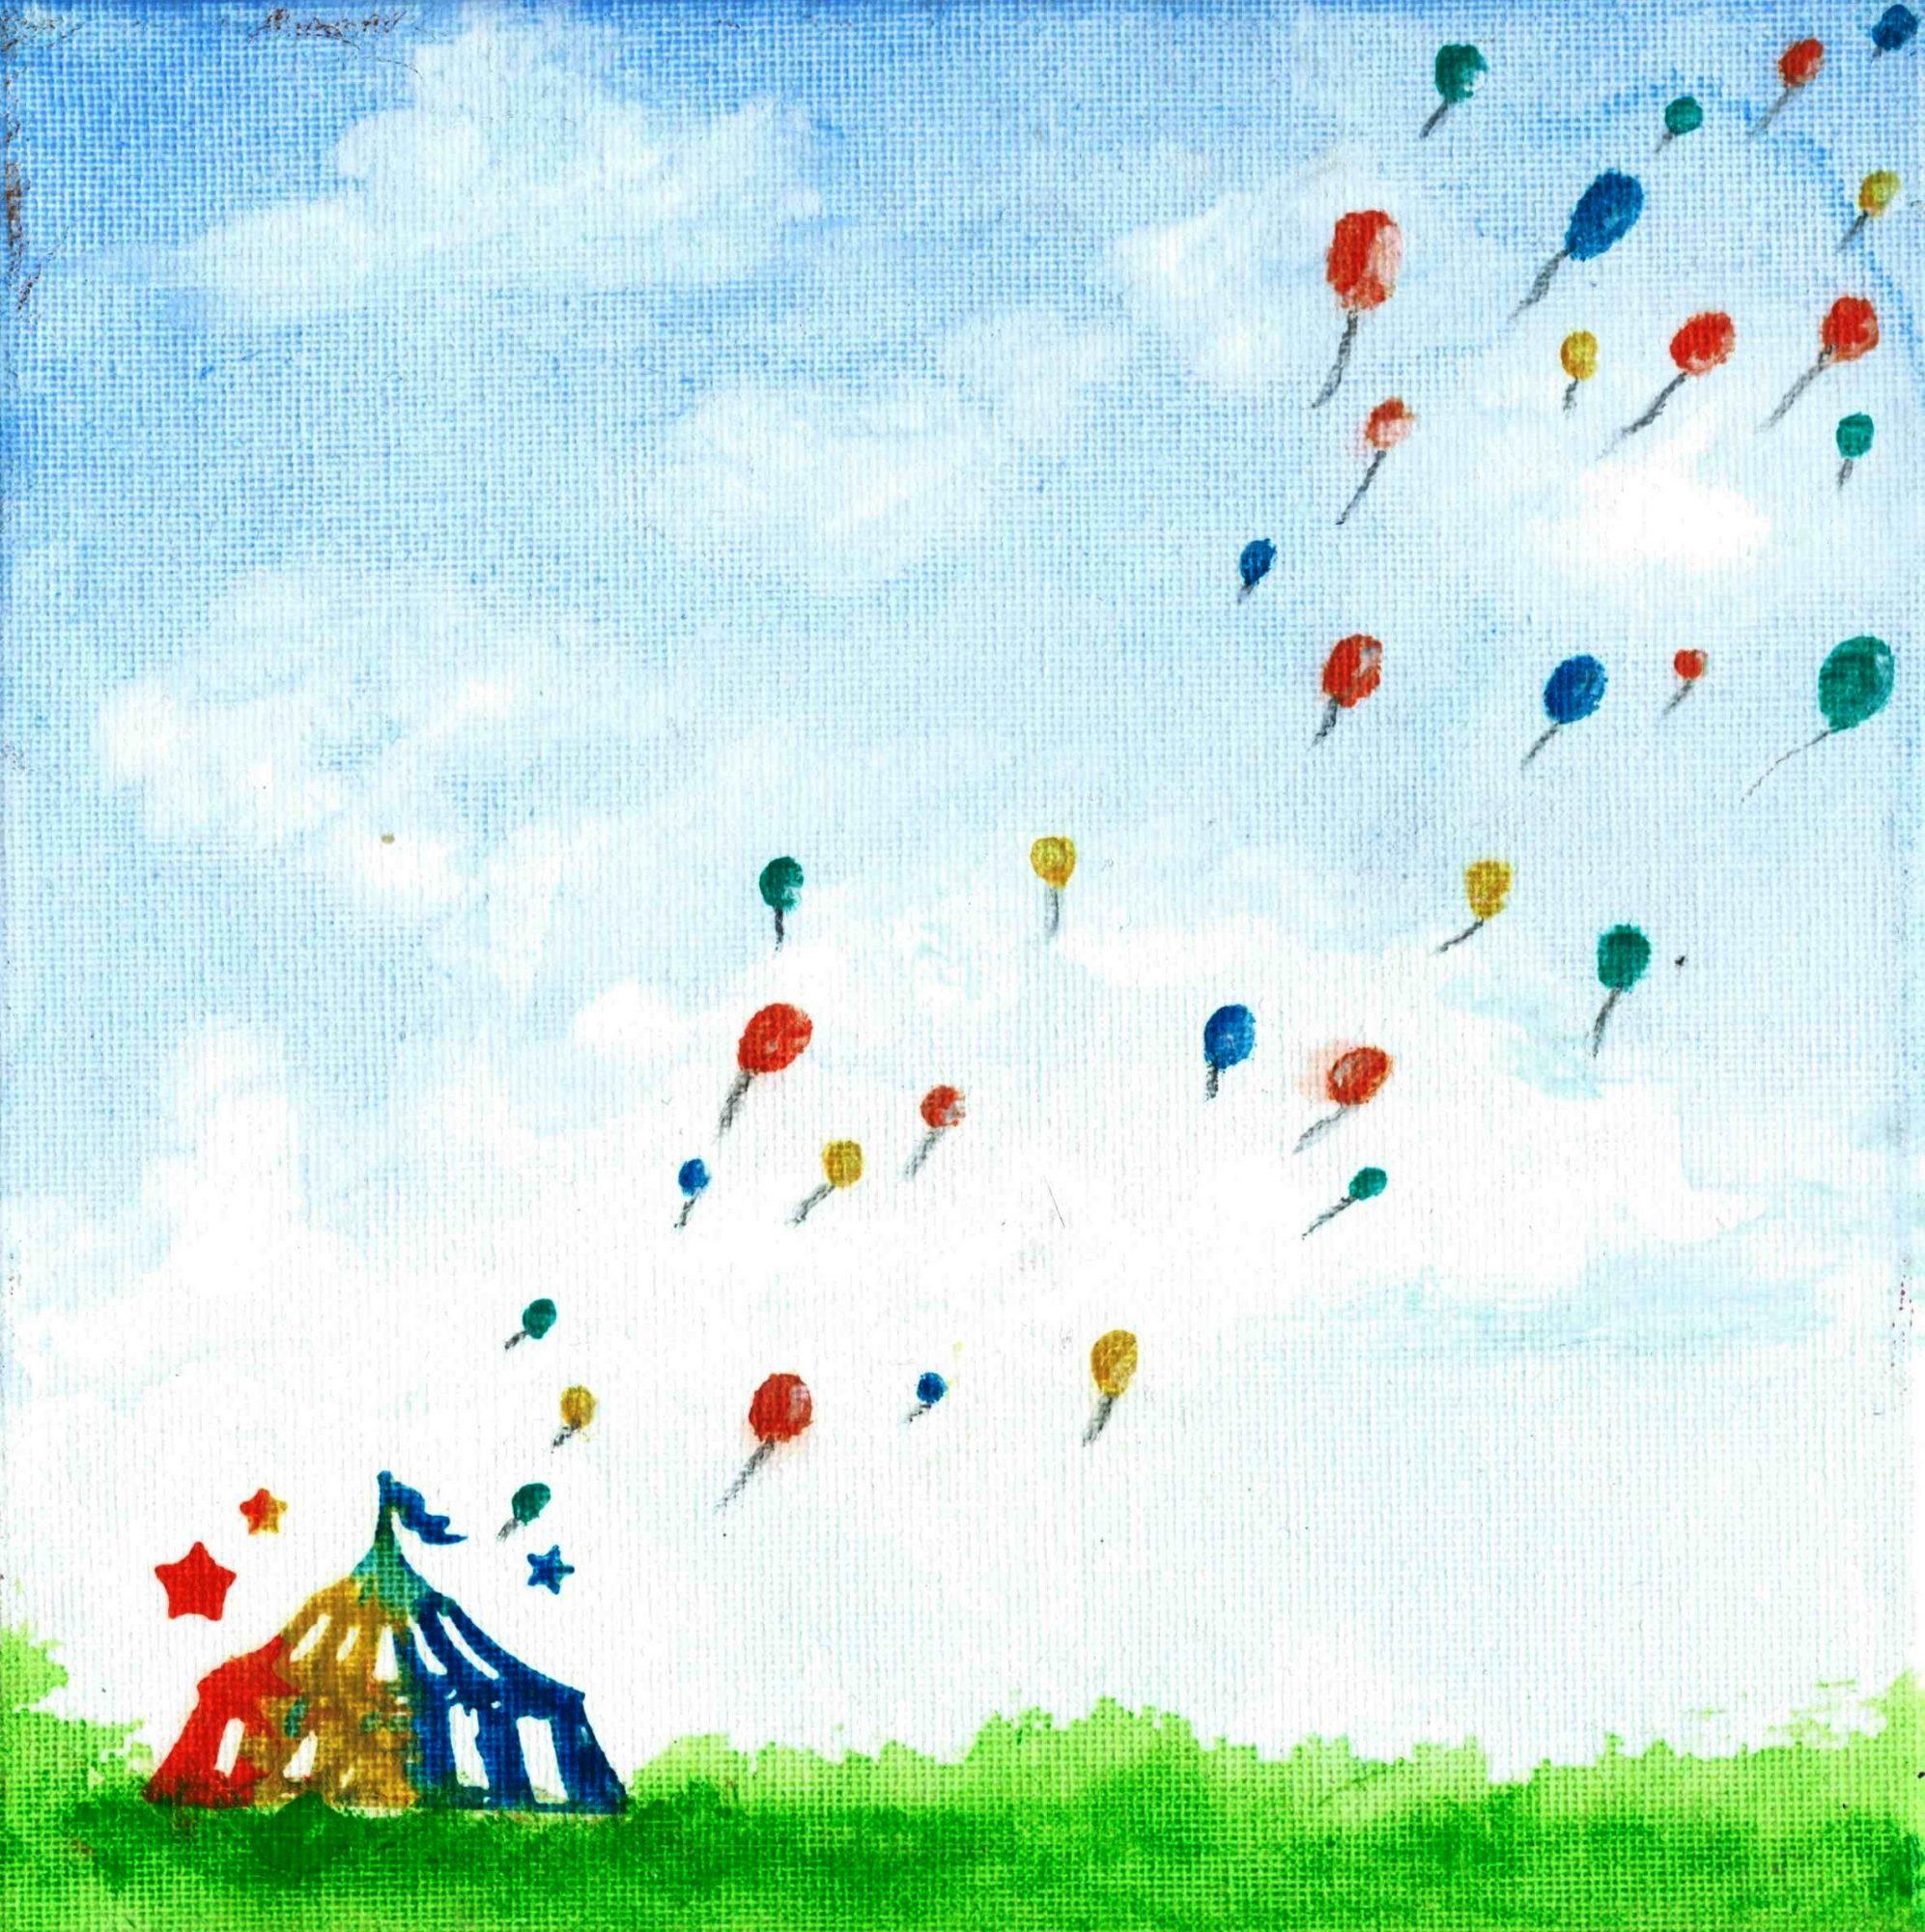 circus-dream